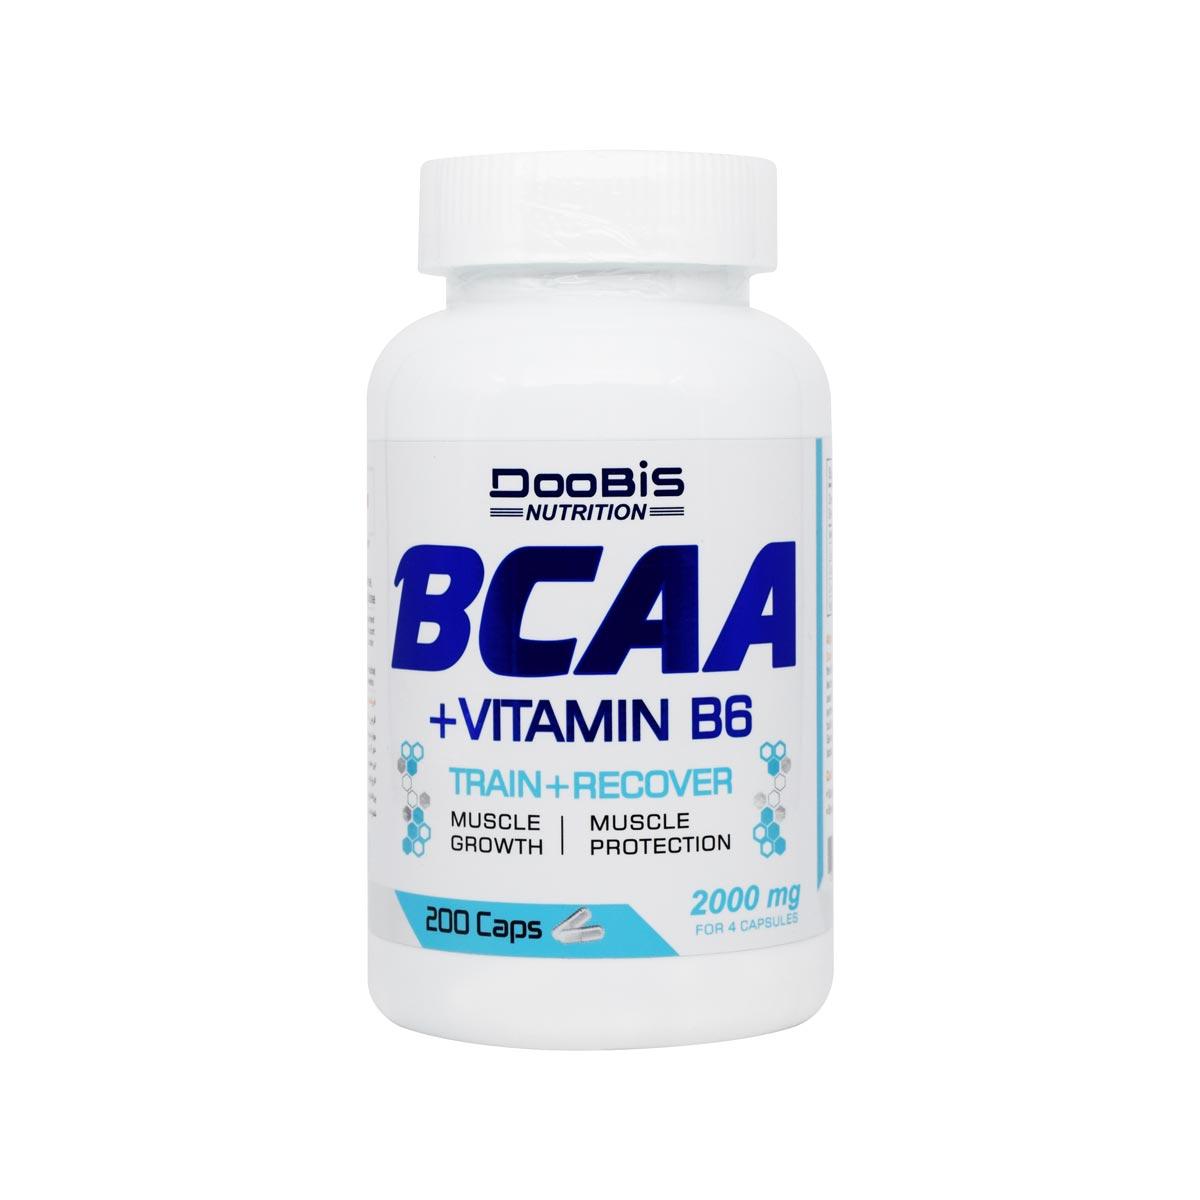 کپسول بی سی ای ای و ویتامین B6 دوبیس بسته 200 عددی